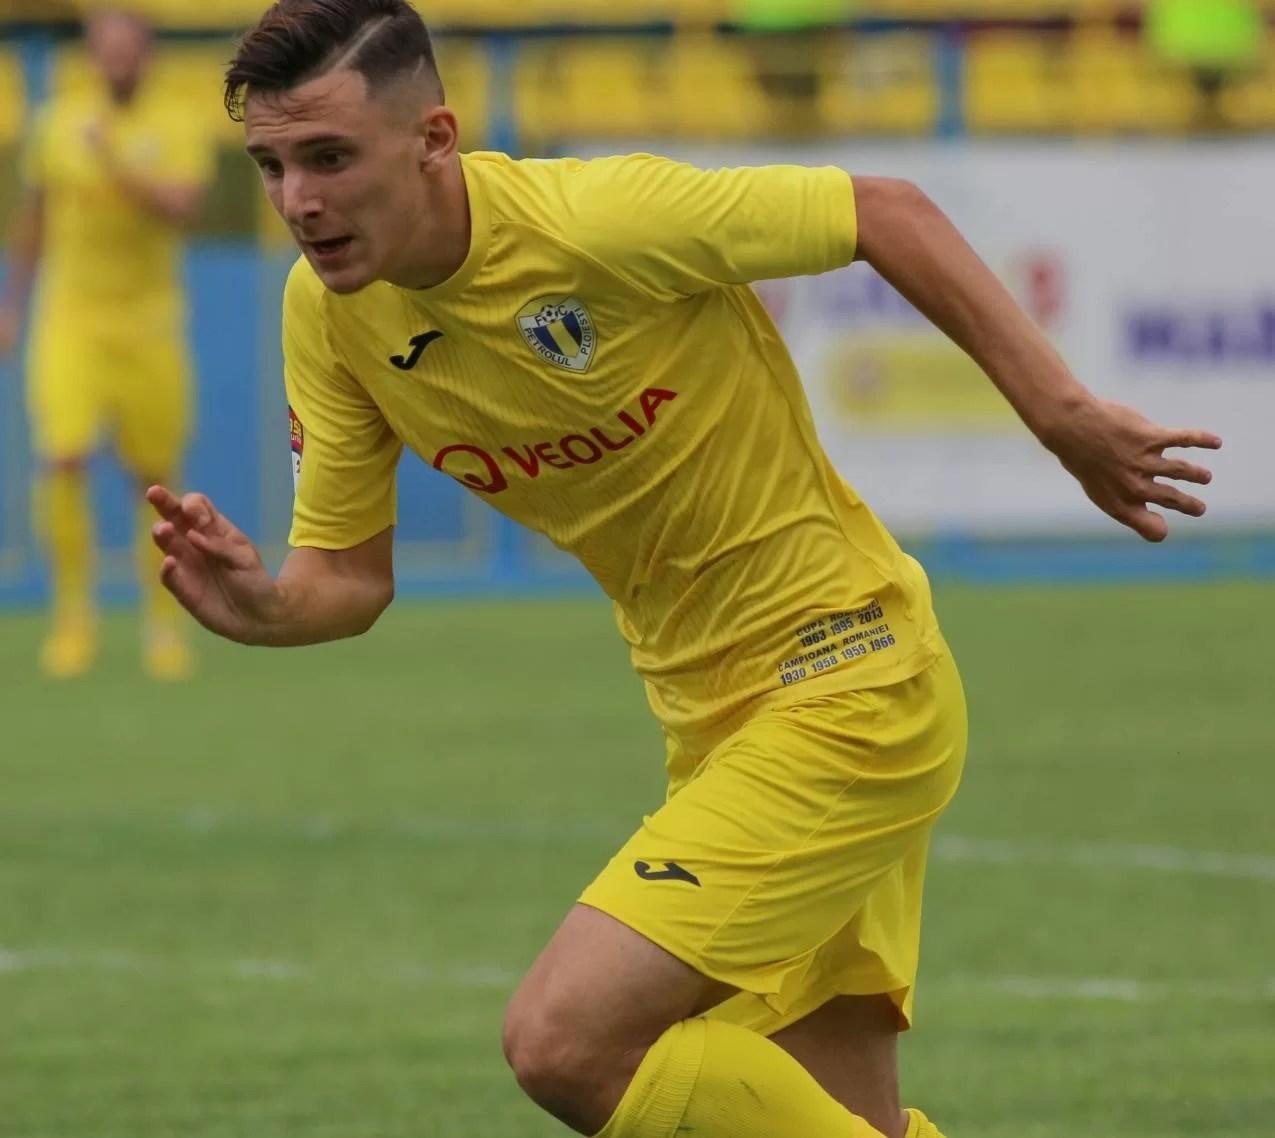 """FC Petrolul s-a despărțit, în ultima zi de """"mercato di riparazione"""", de cel de-al 10-lea fotbalist din lotul turului de campionat al Ligii a II-a. Este un talentat și de mare viitor jucător """"U 20"""" și internațional """"U 18""""!"""